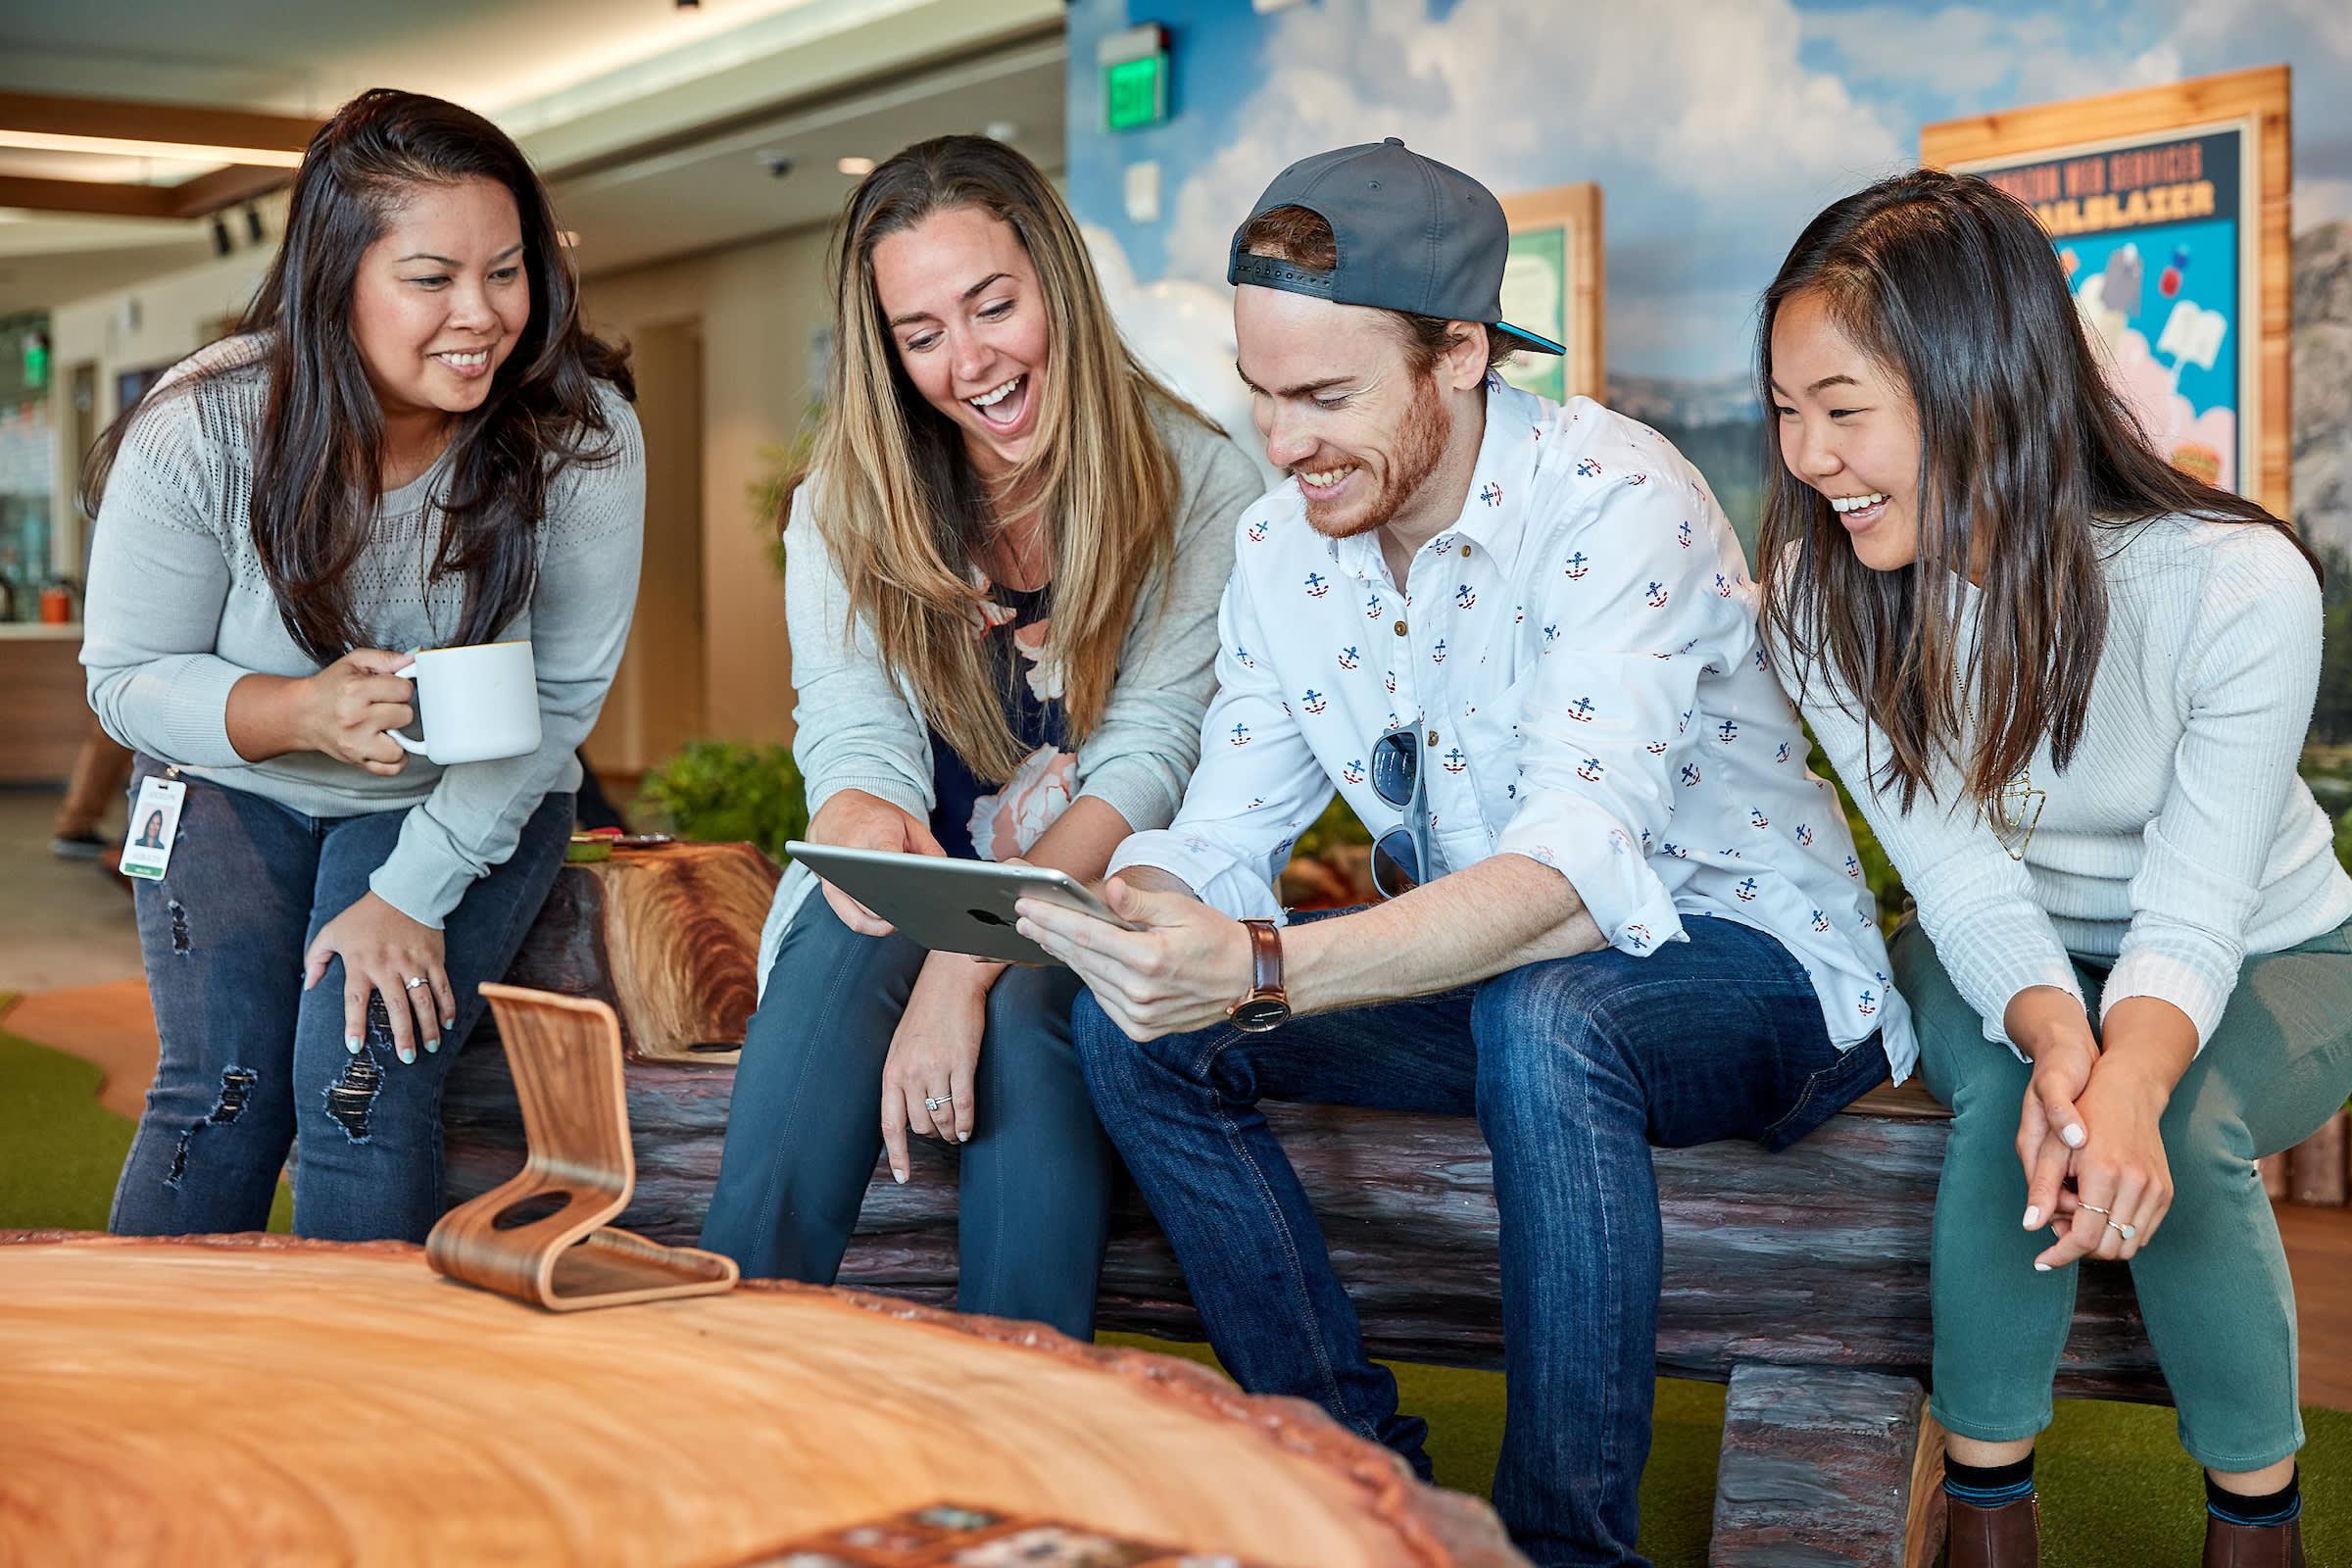 iPad を囲んで交流する、楽しげな Salesforce 従業員の画像